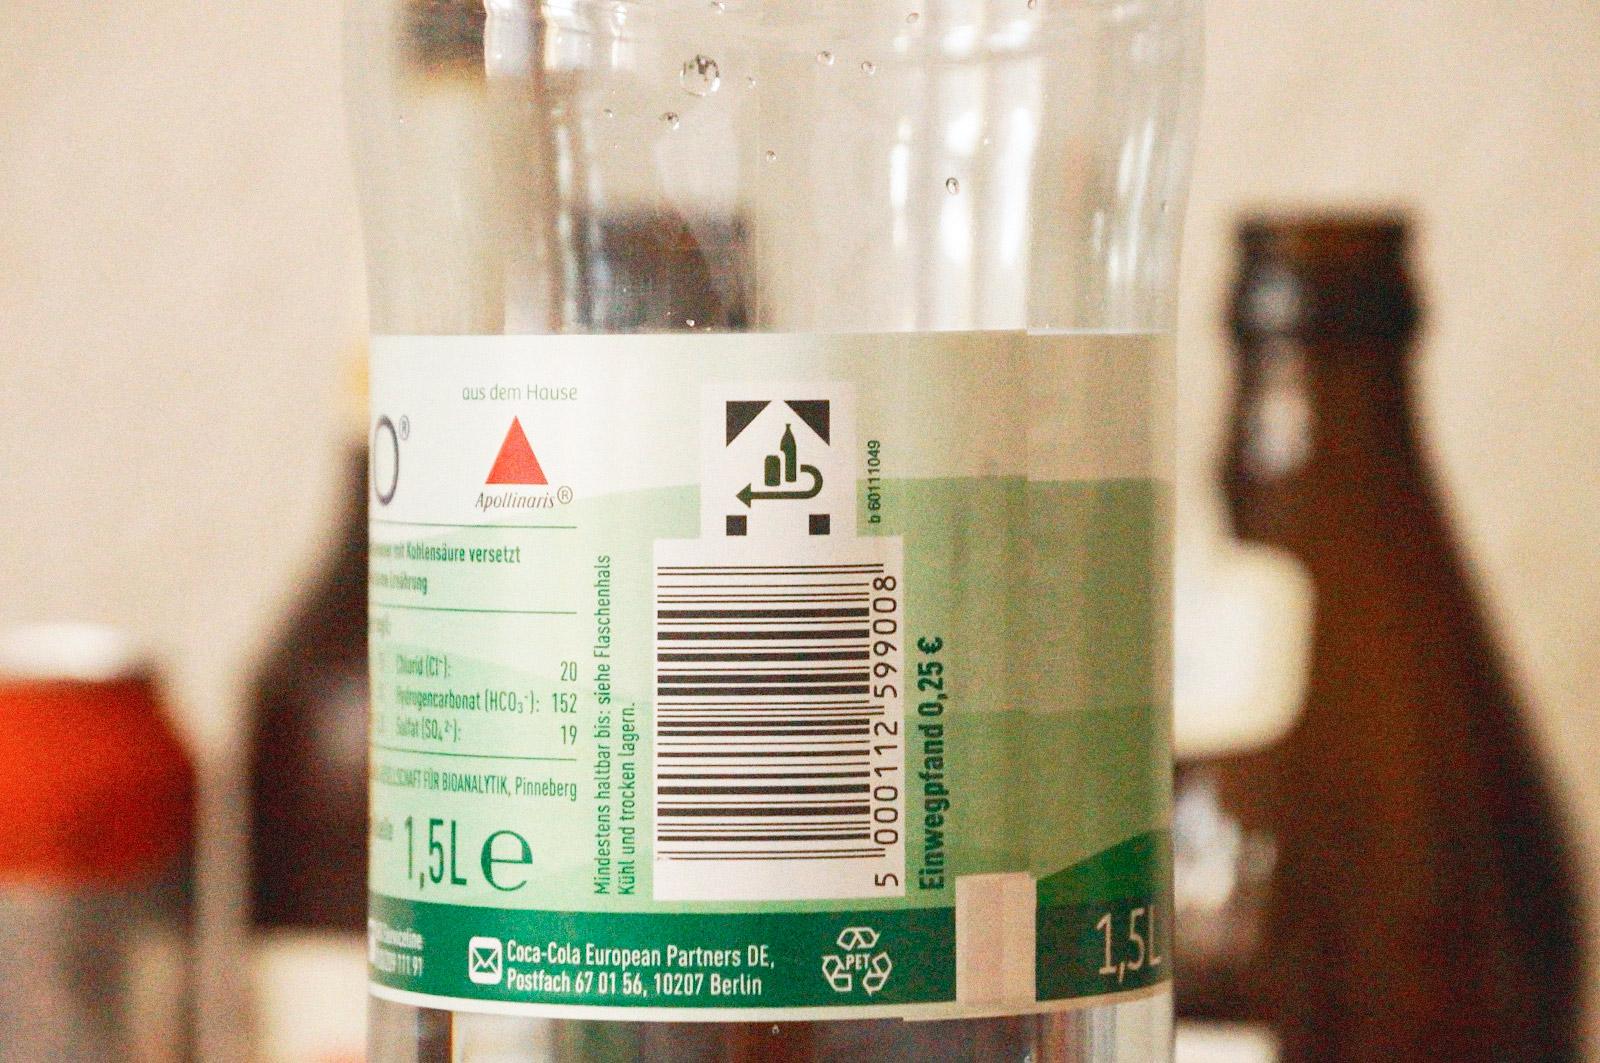 На этой пластиковой бутылке сразу две подсказки: специальное обозначение наверху и надпись с указанием суммы депозита справа от штрихкода